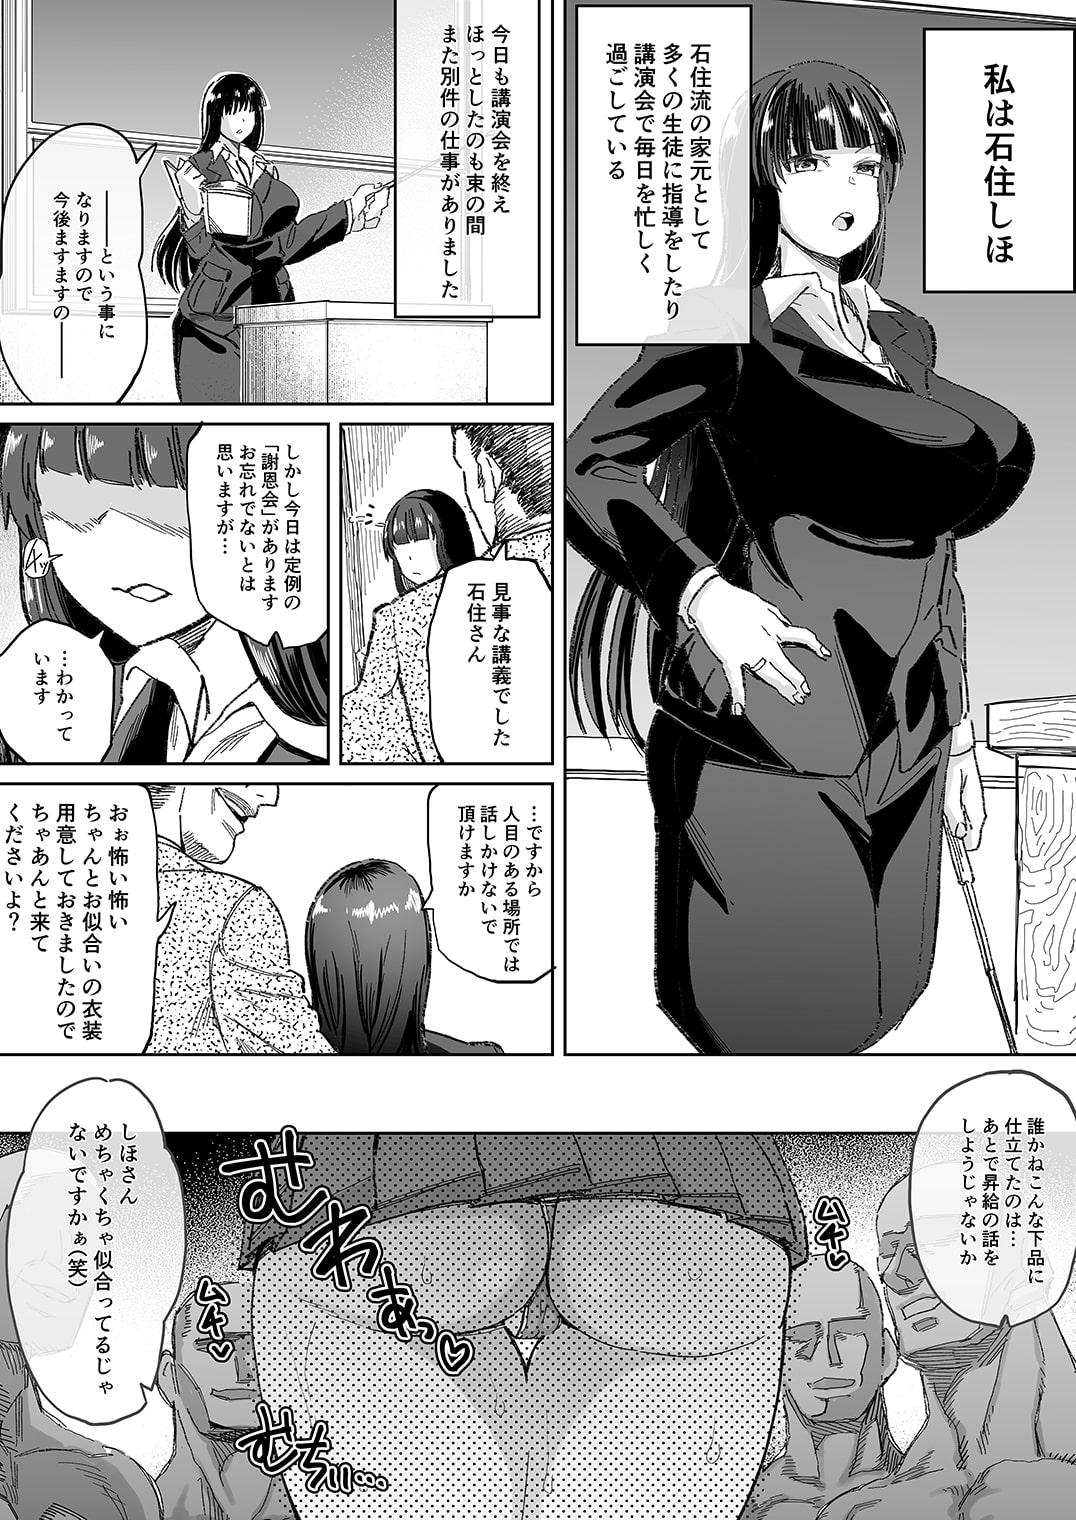 人妻家元のザーメンパラダイス! -前日譚-(プチ漫画)のサンプル画像